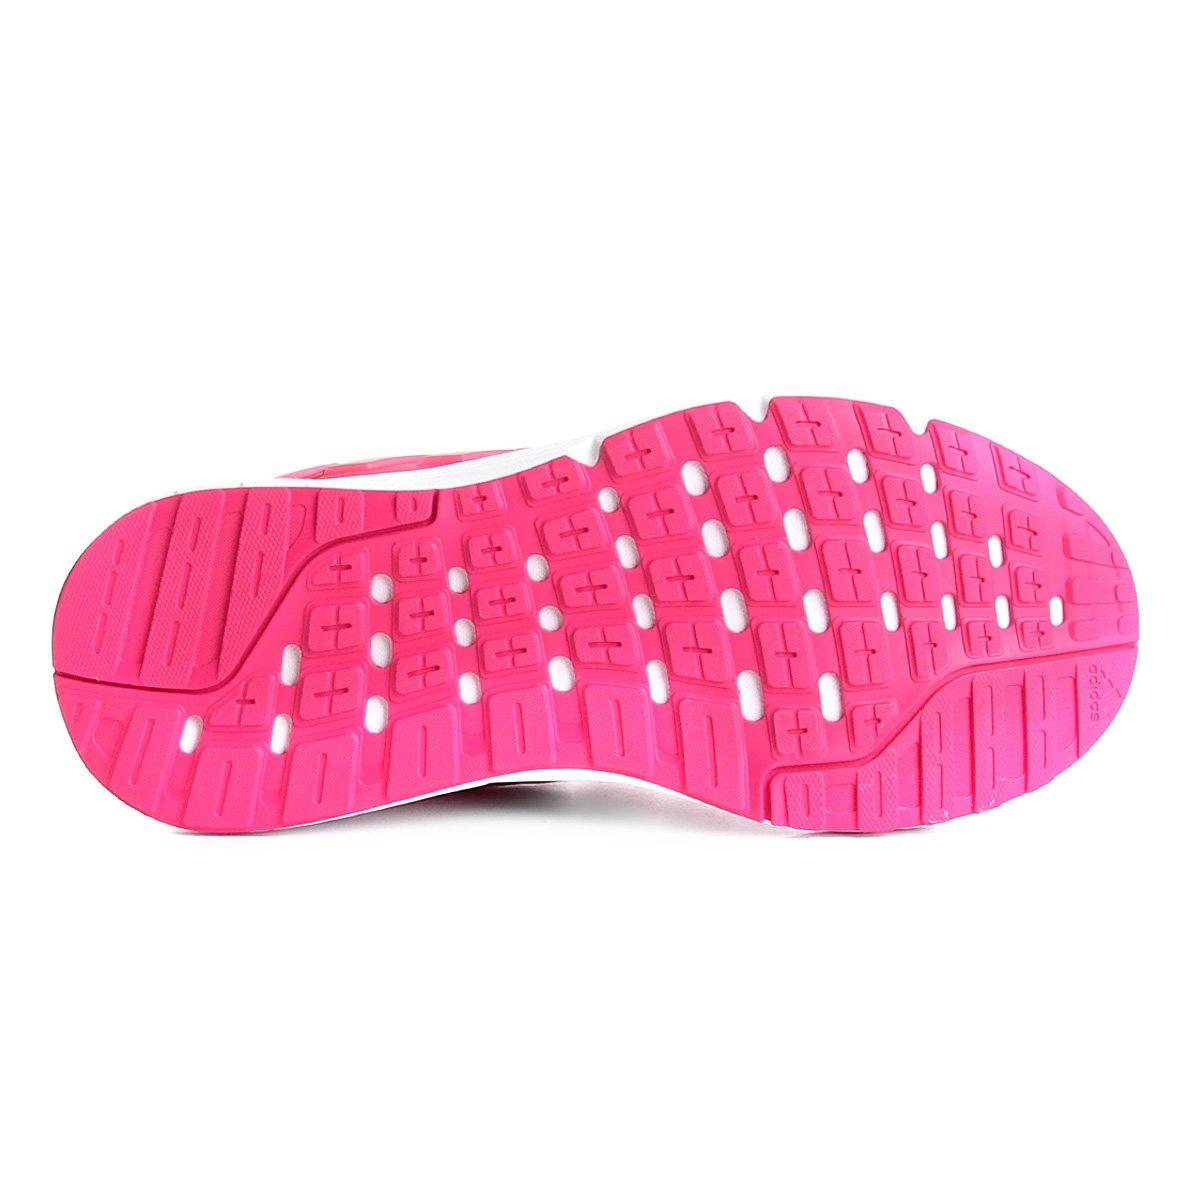 Tênis Adidas Galaxy 4 Feminino - Rosa - Compre Agora  454870b1c456e